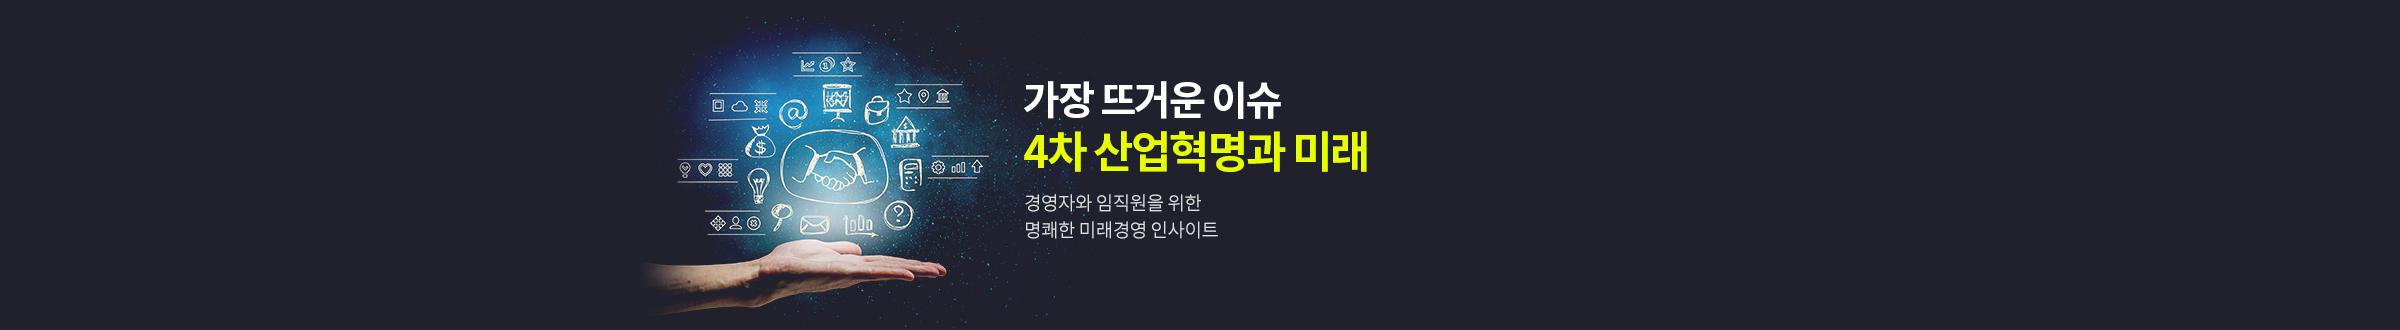 [4차 산업혁명과 미래] 미래경영 인사이트